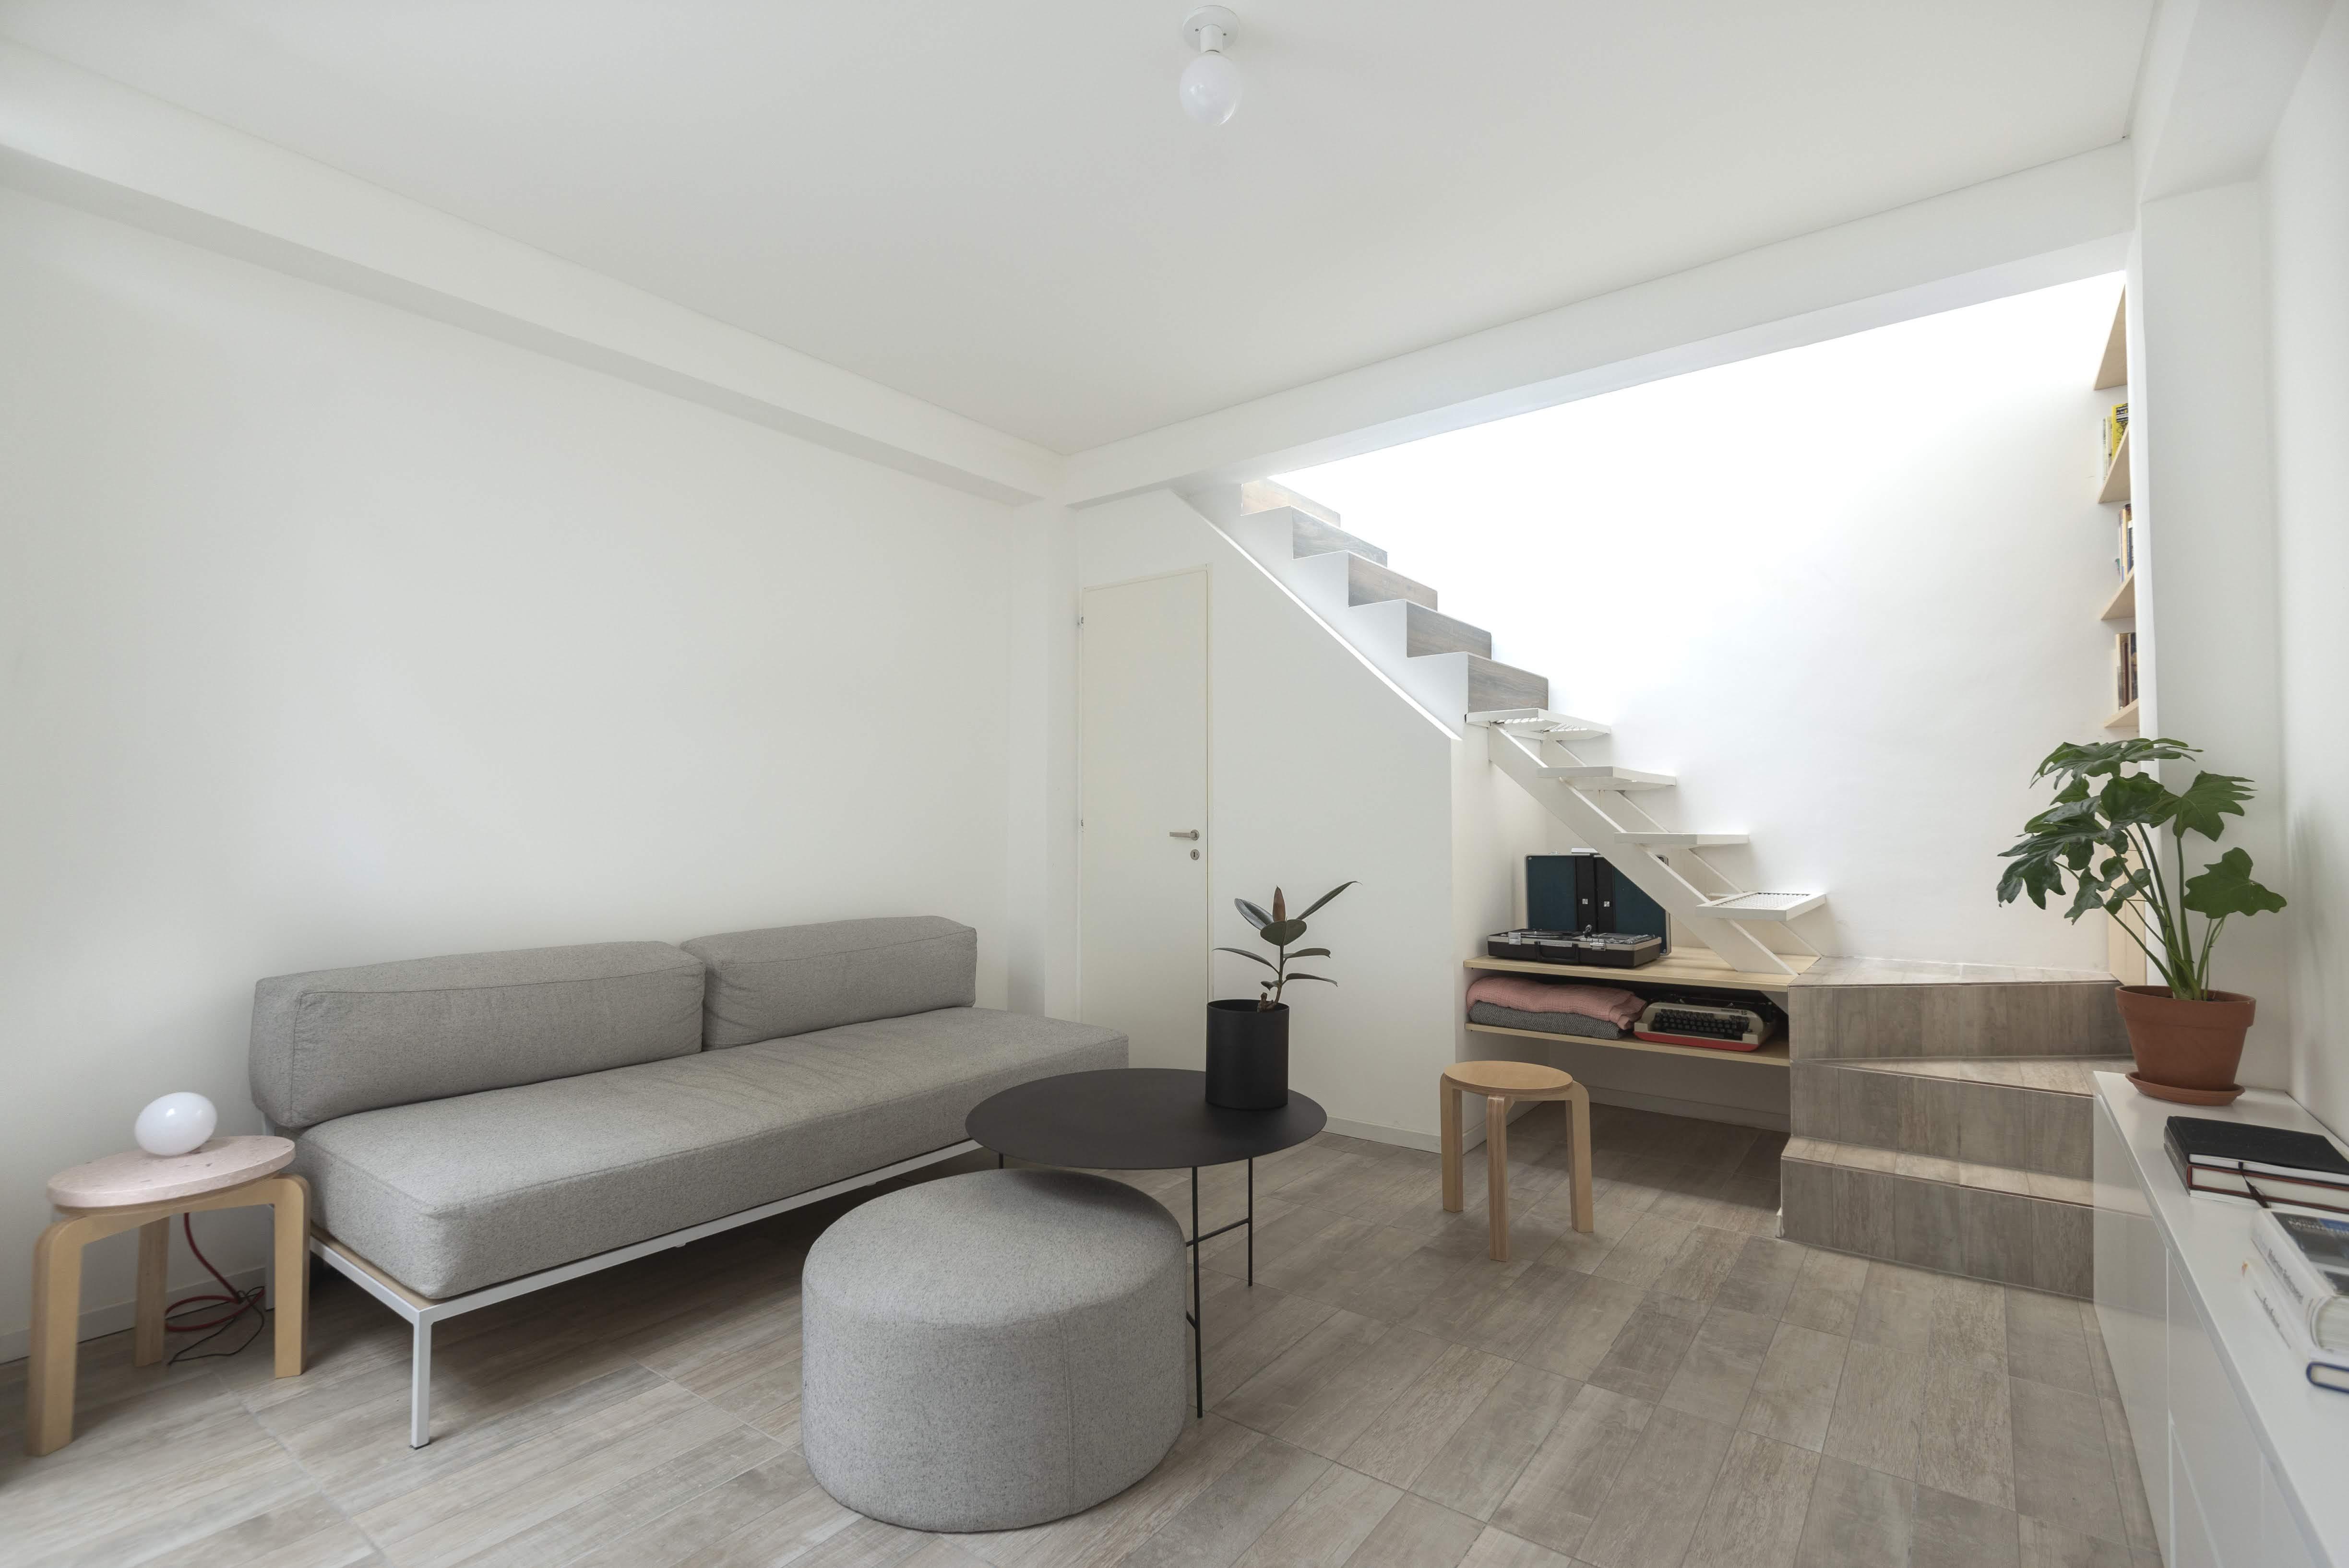 living room architecture design furniture sofa